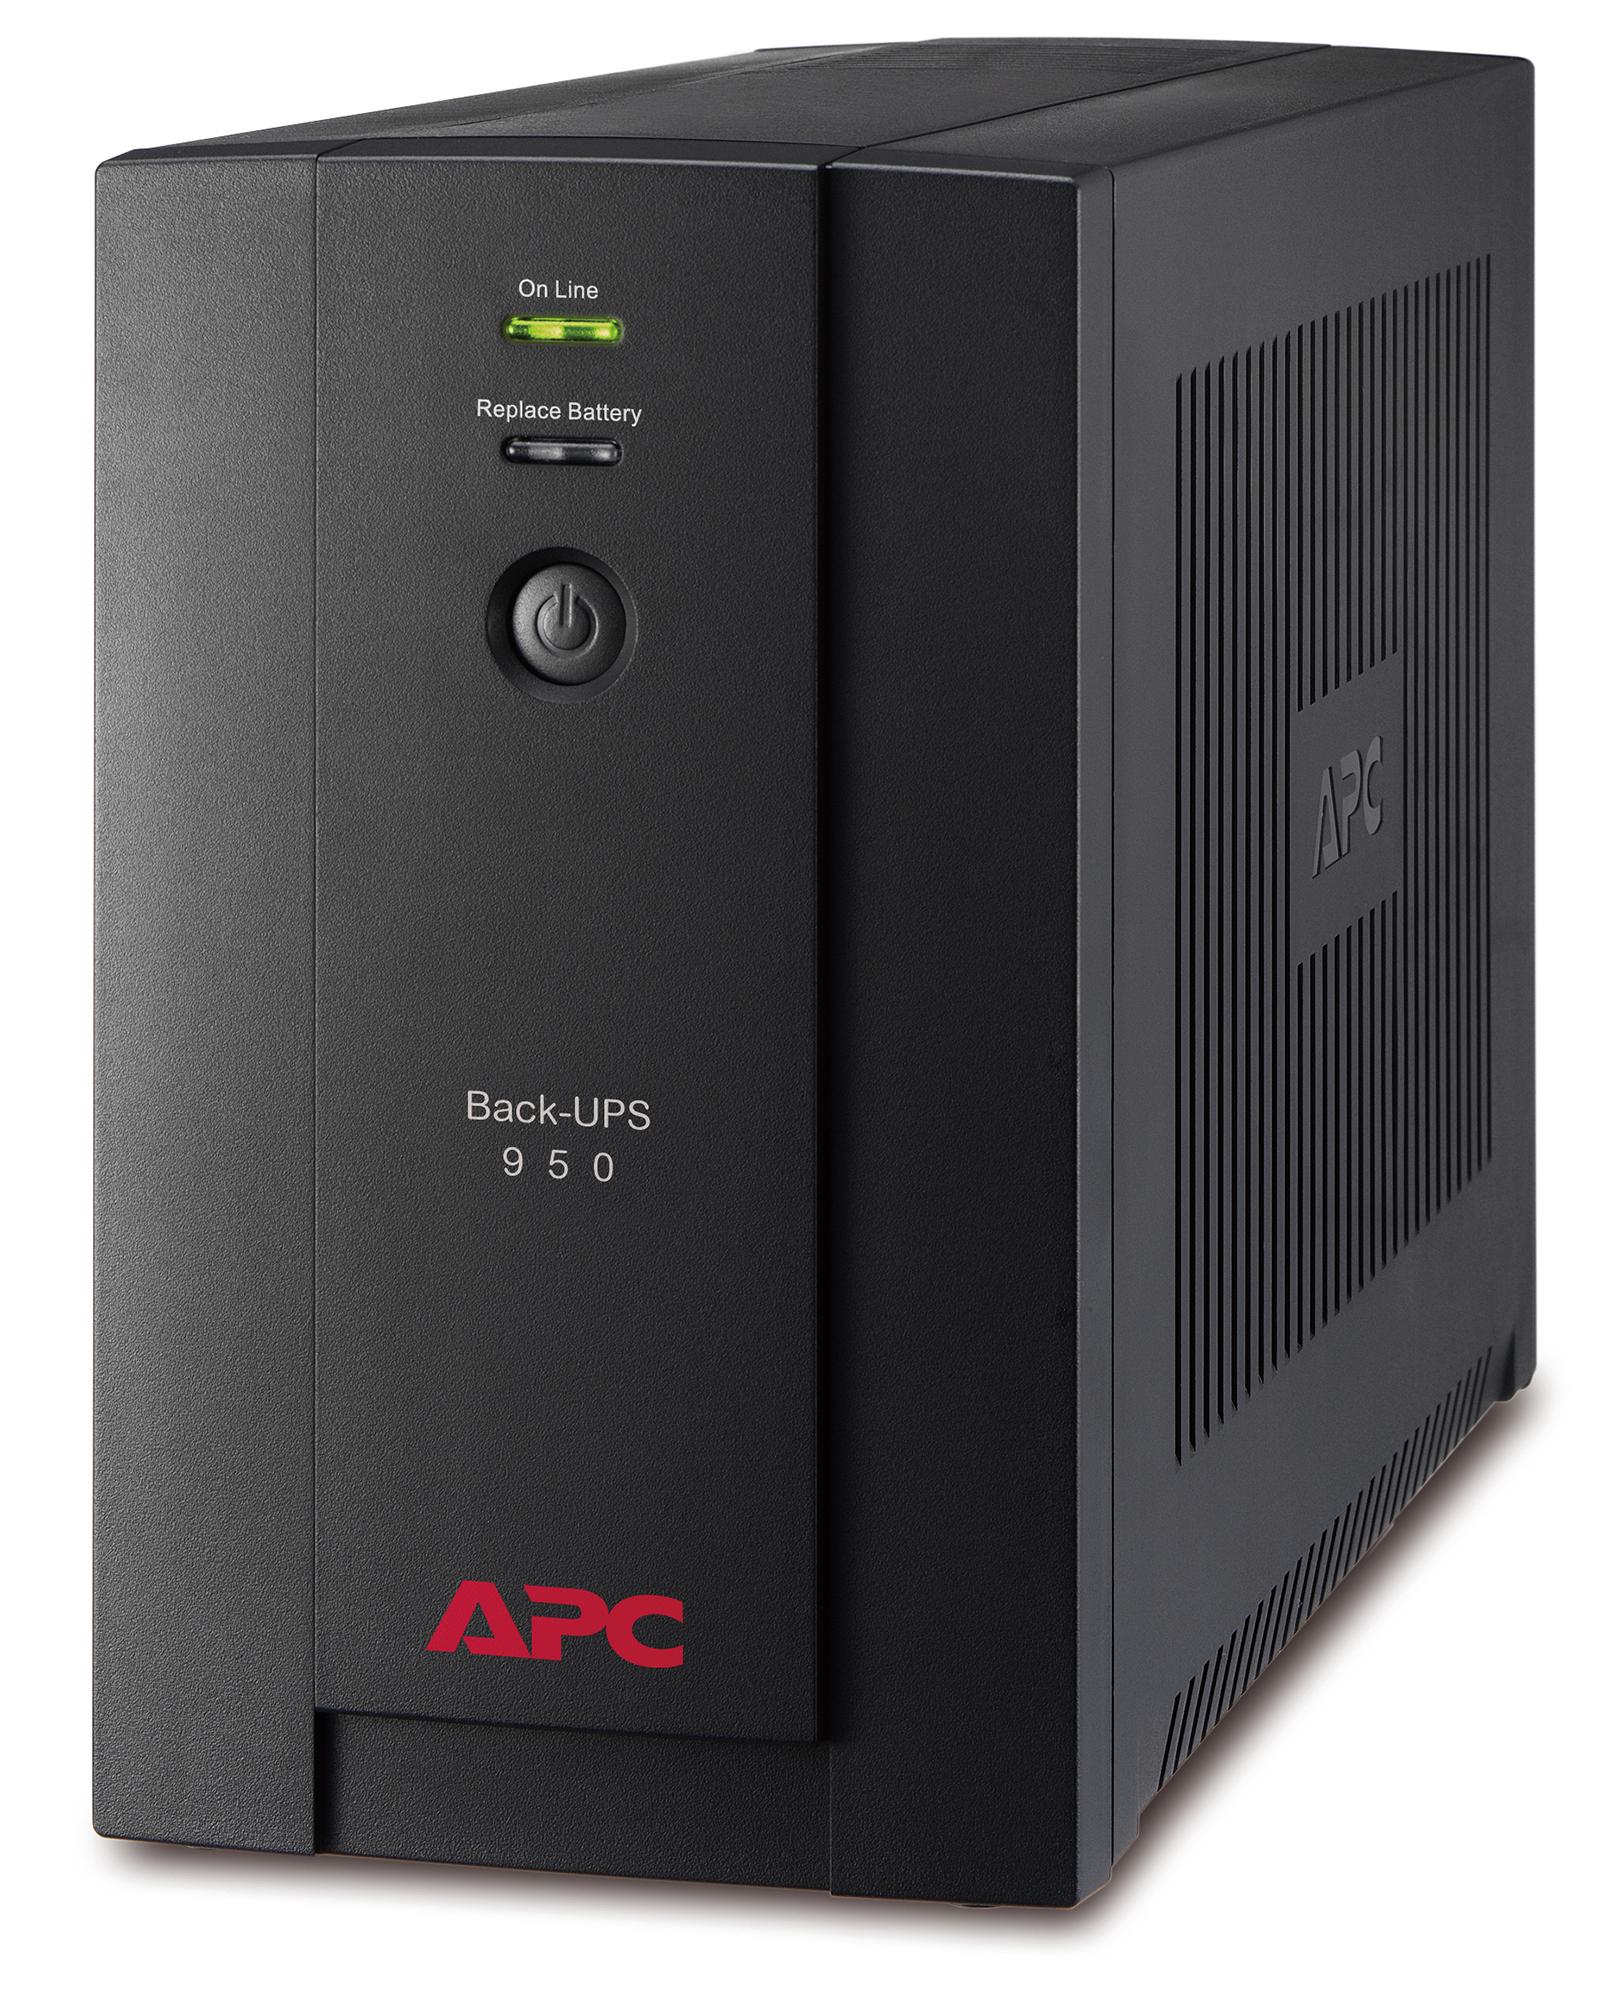 APC Back-UPS sistema de alimentación ininterrumpida (UPS) Línea interactiva 950 VA 480 W